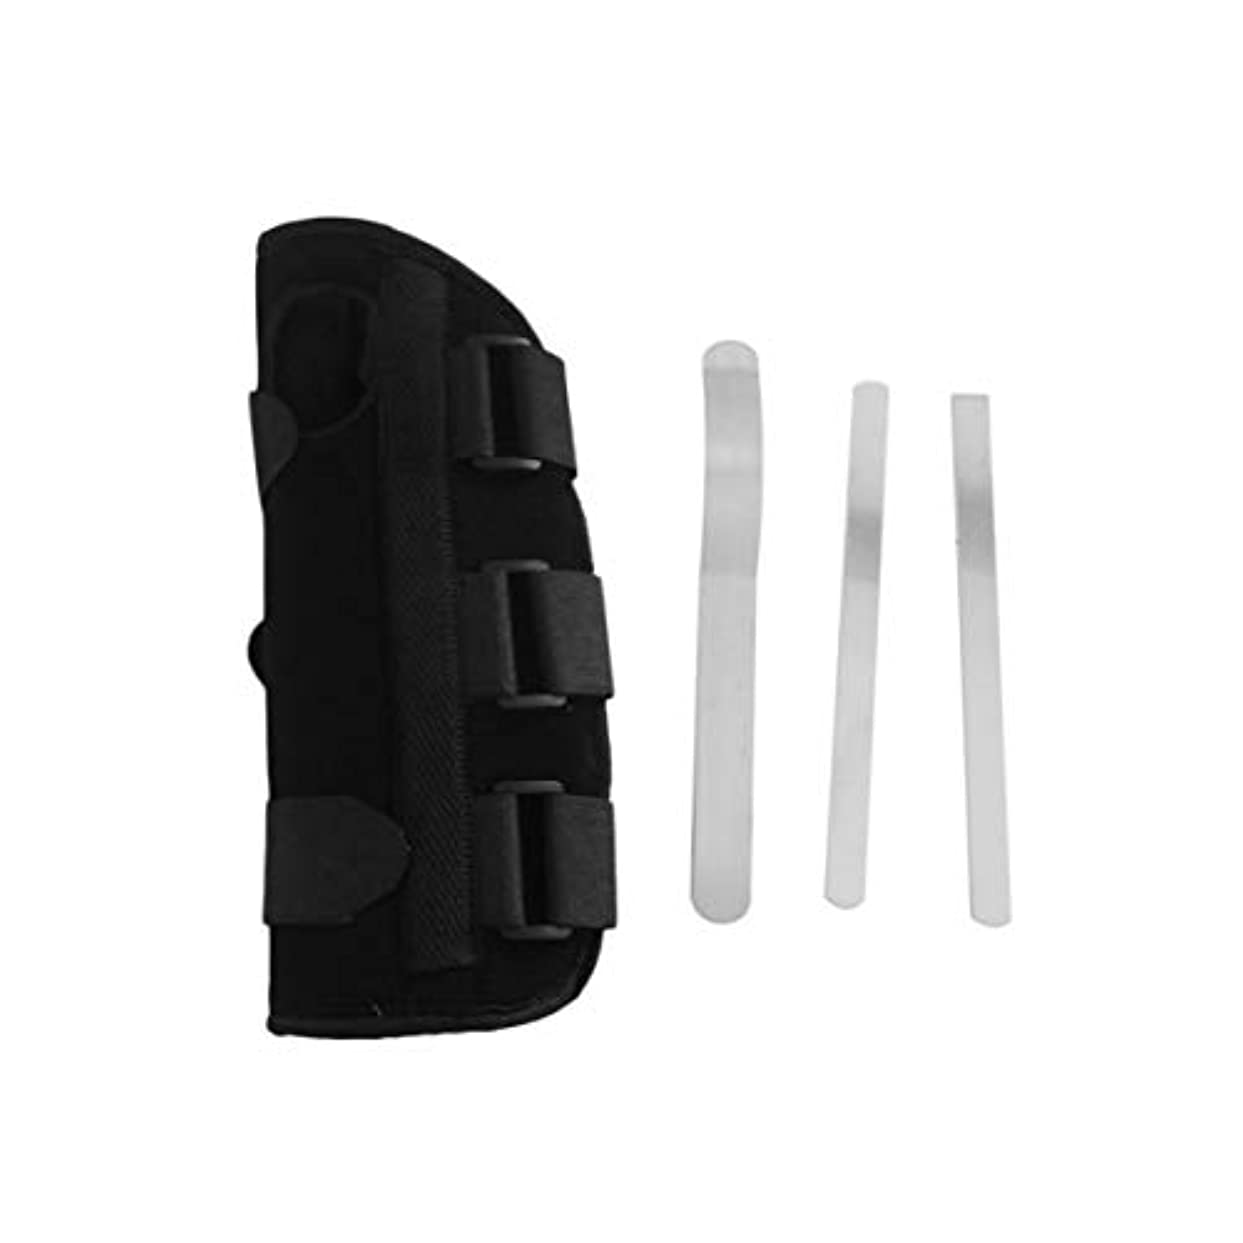 臭い用語集合計手首副木ブレース保護サポートストラップカルペルトンネルCTS RSI痛み軽減取り外し可能な副木快適な軽量ストラップ - ブラックS